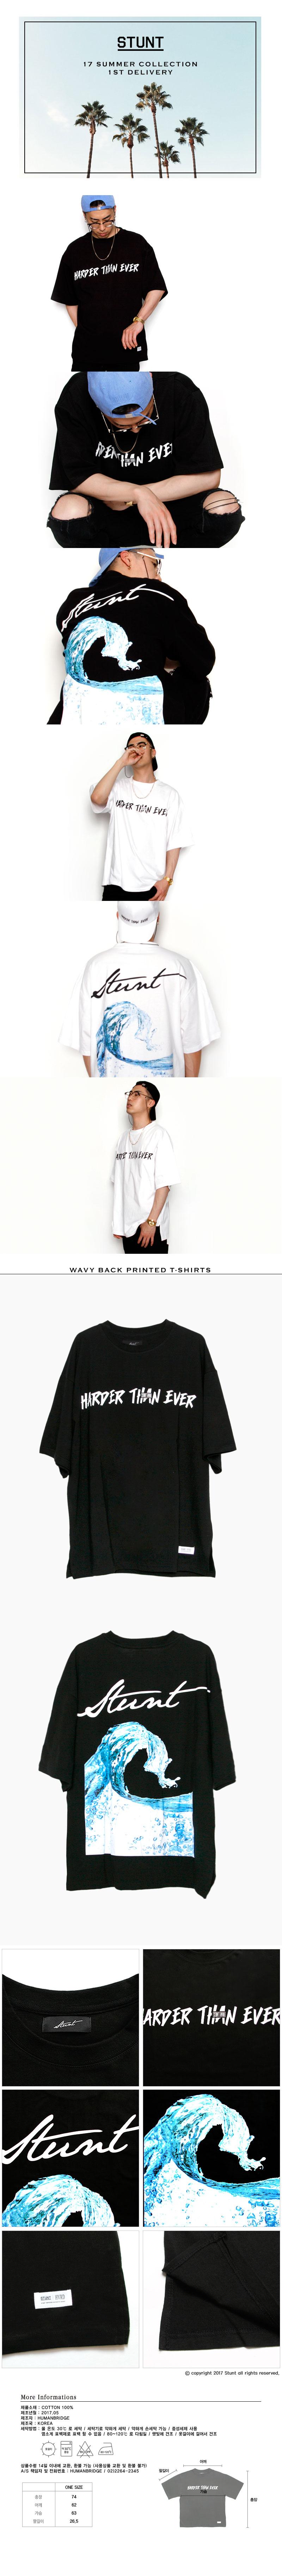 wavy-back-print-t-shirts-(black).jpg